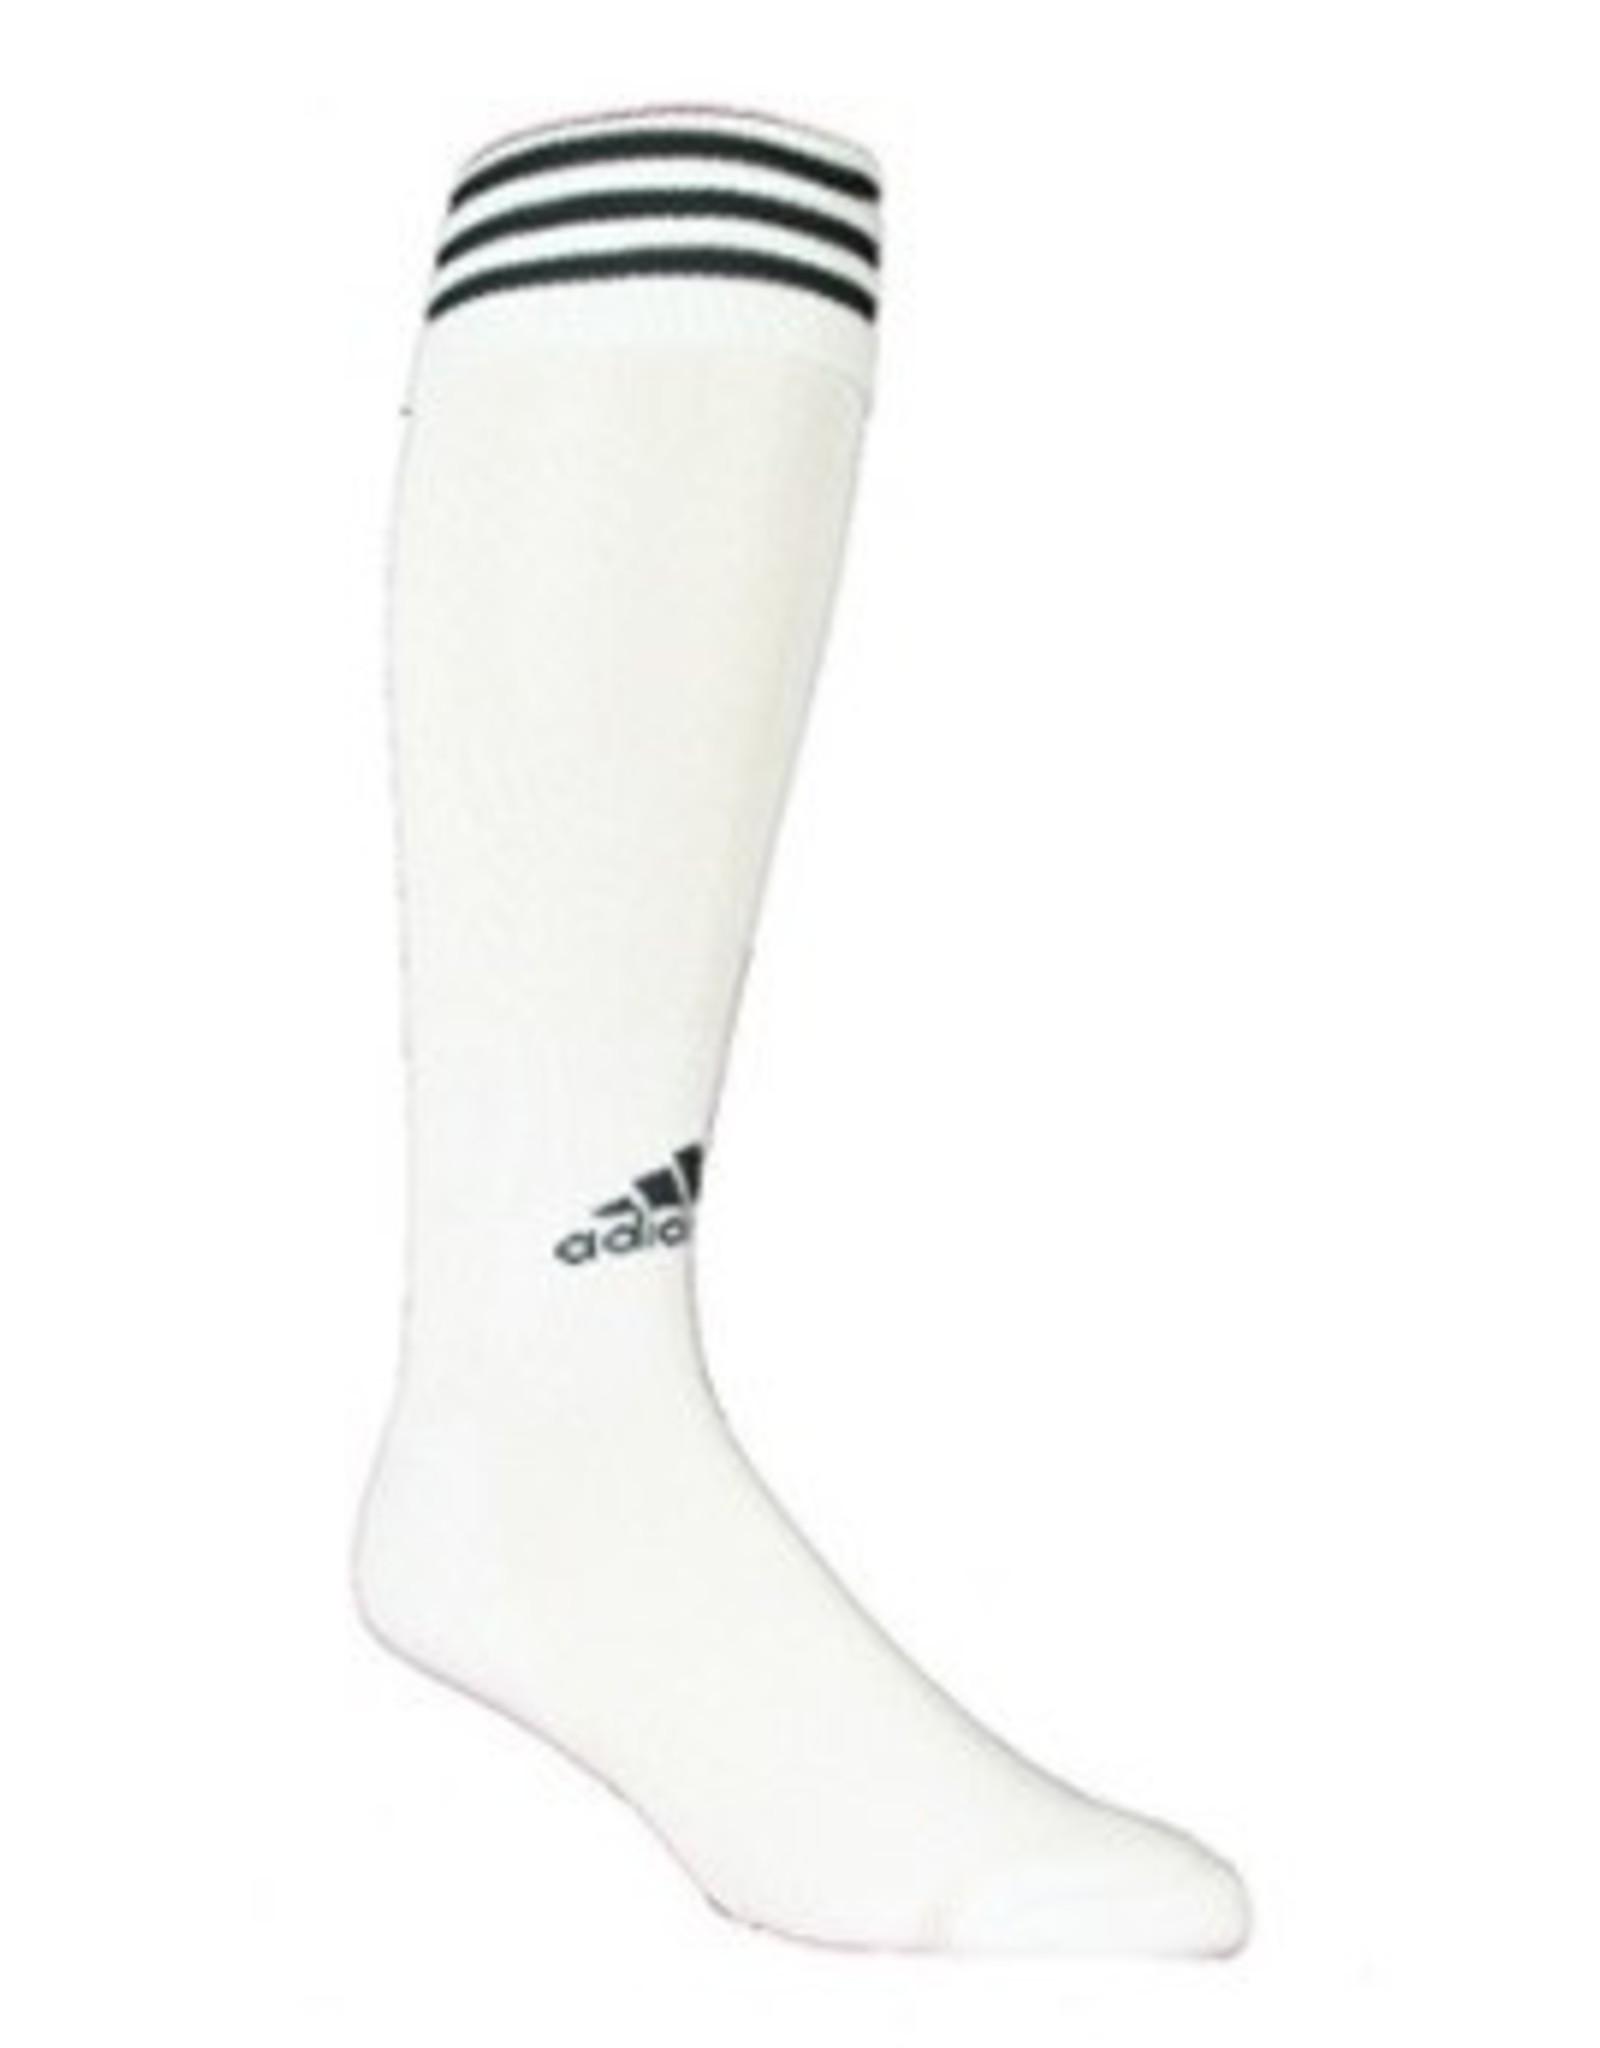 Adidas Adidas Copa Zone 11 Socks White w/Black 7.8.5 Size